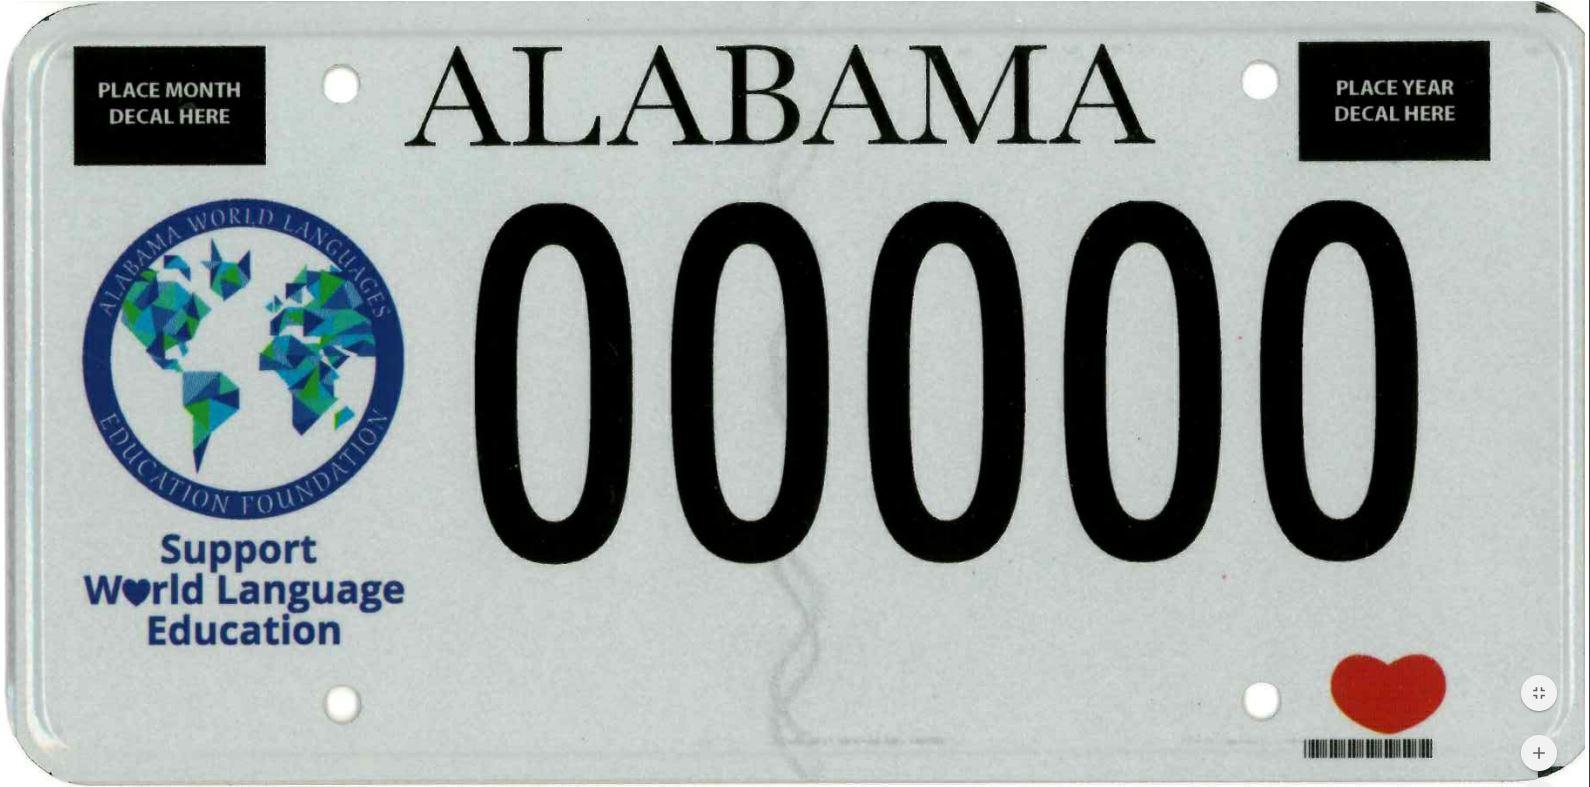 Alabama Car Tags >> The Alabama World Languages Association Car Tags